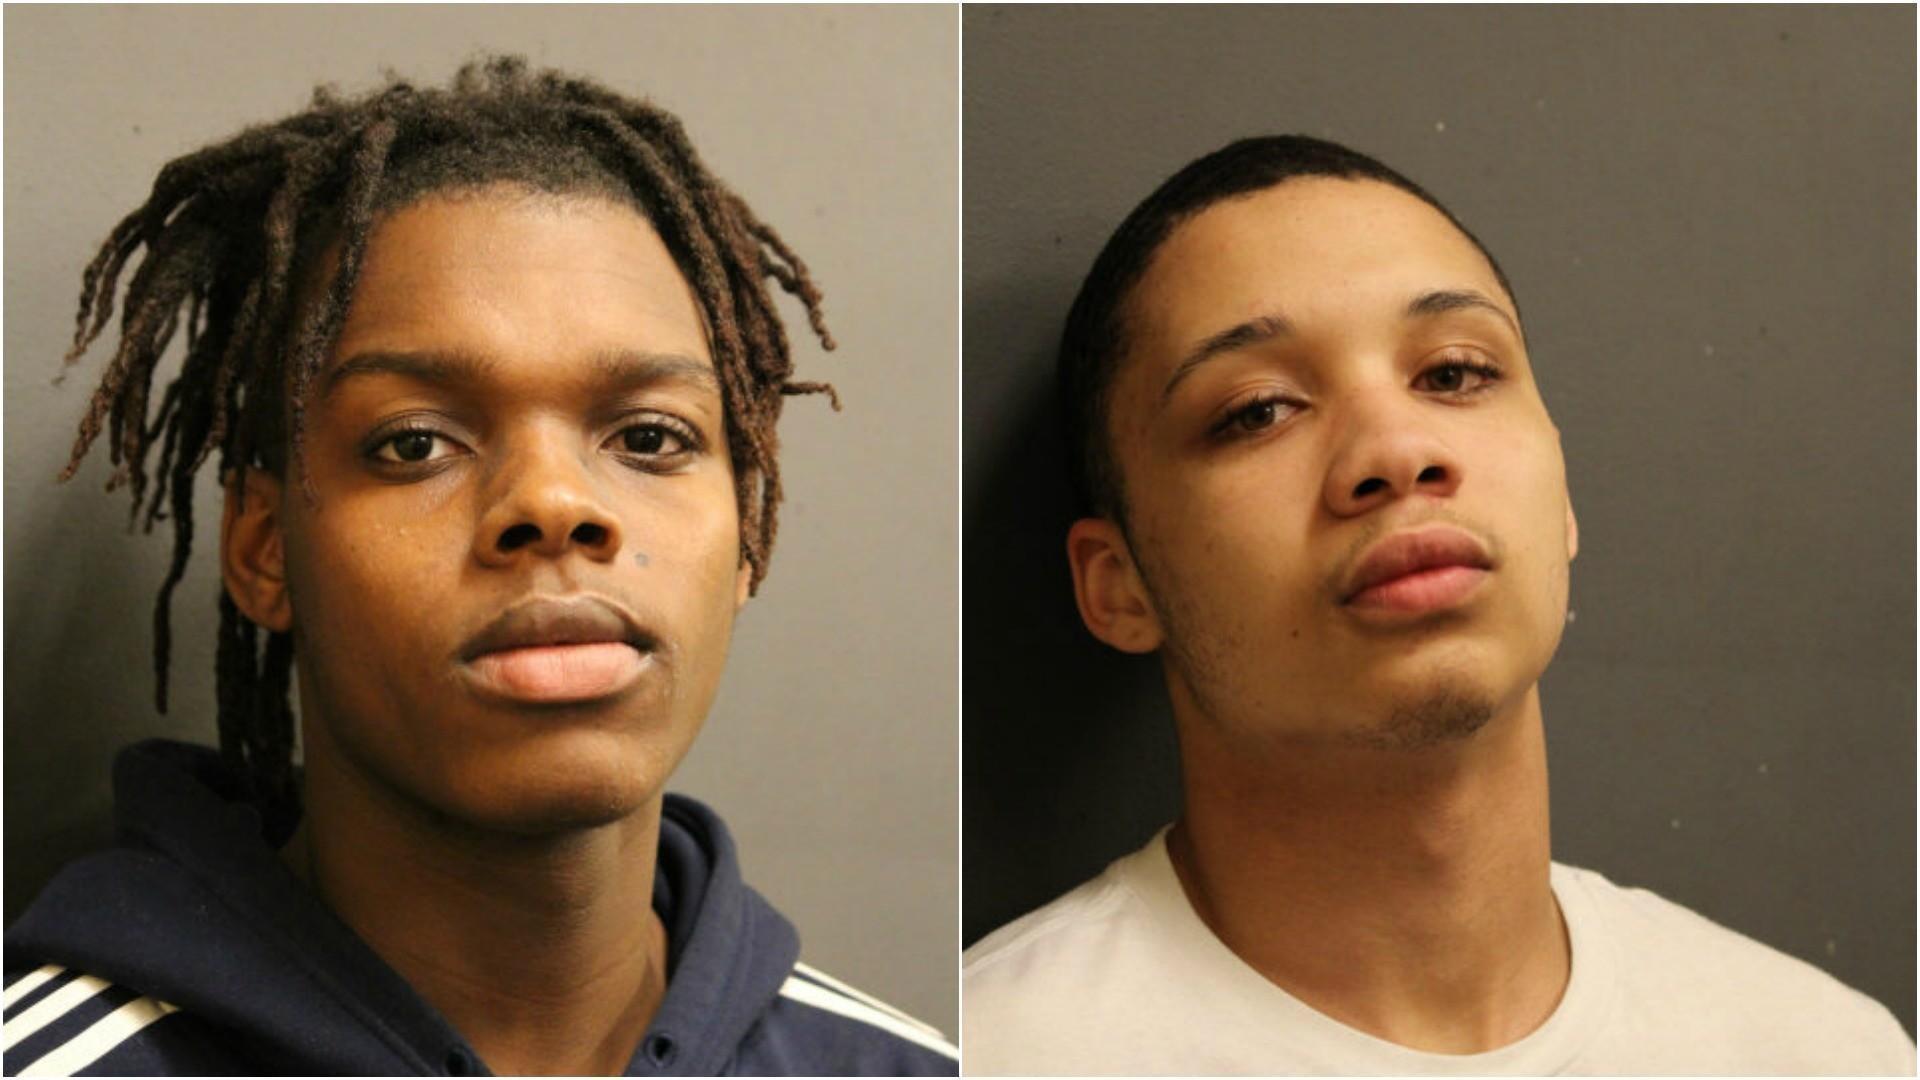 Police: 2 arrested after fatal Evanston shooting